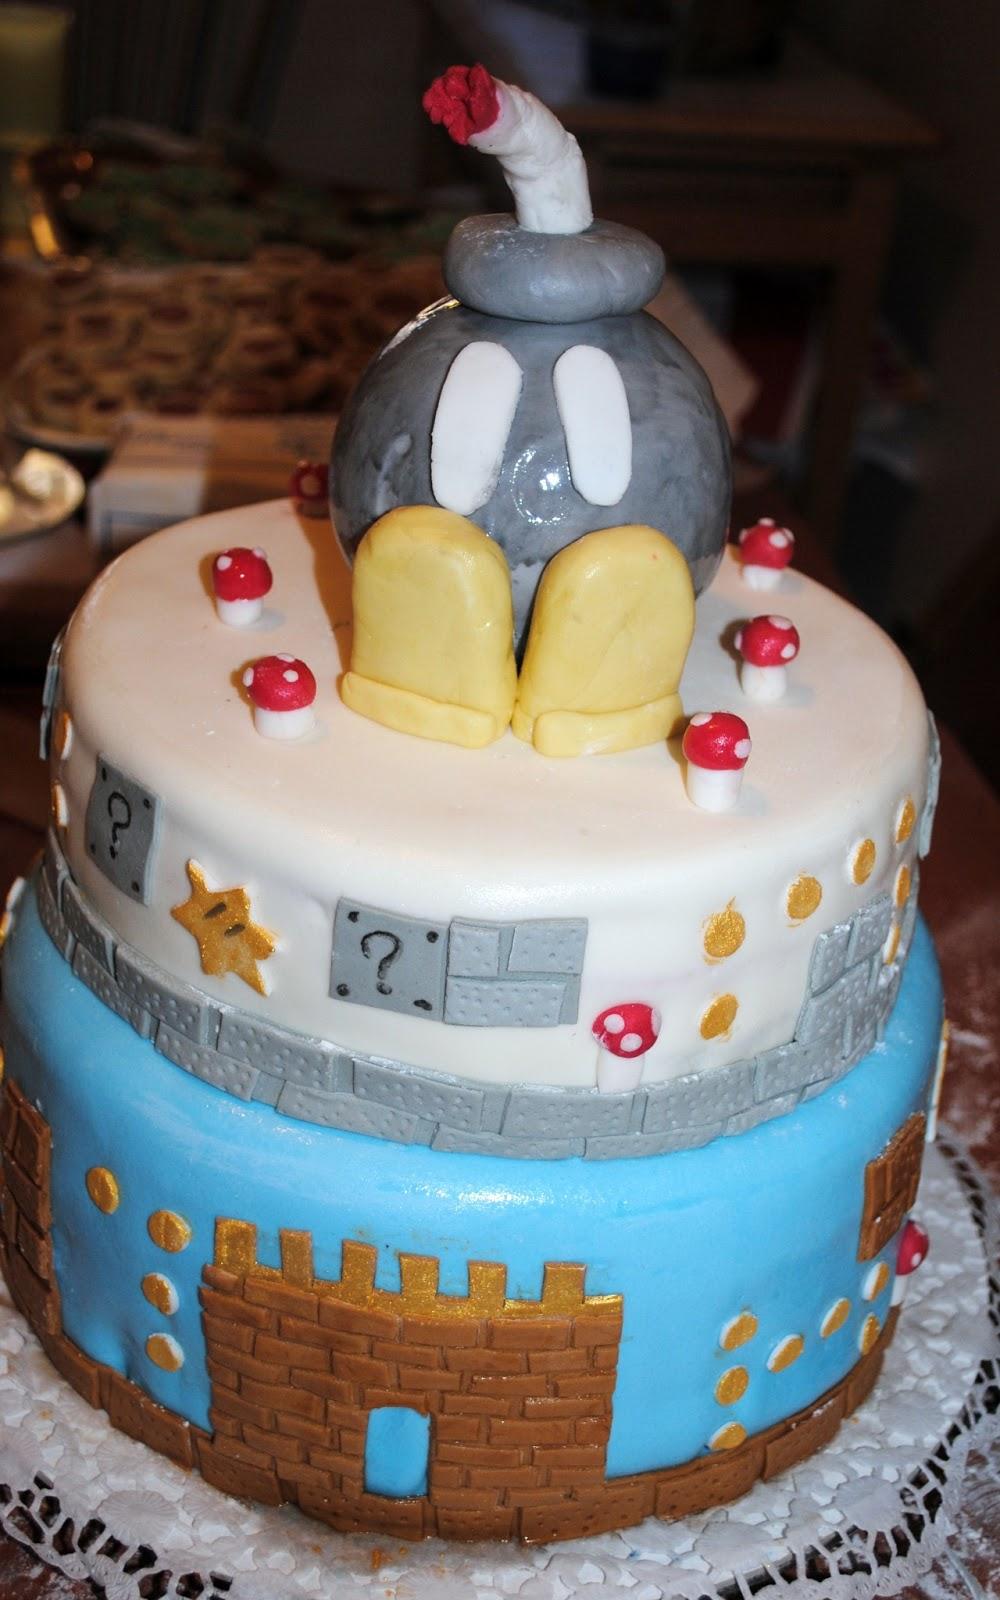 In cucina con gusto torta super mario bros - Prevenire in cucina mangiando con gusto ...